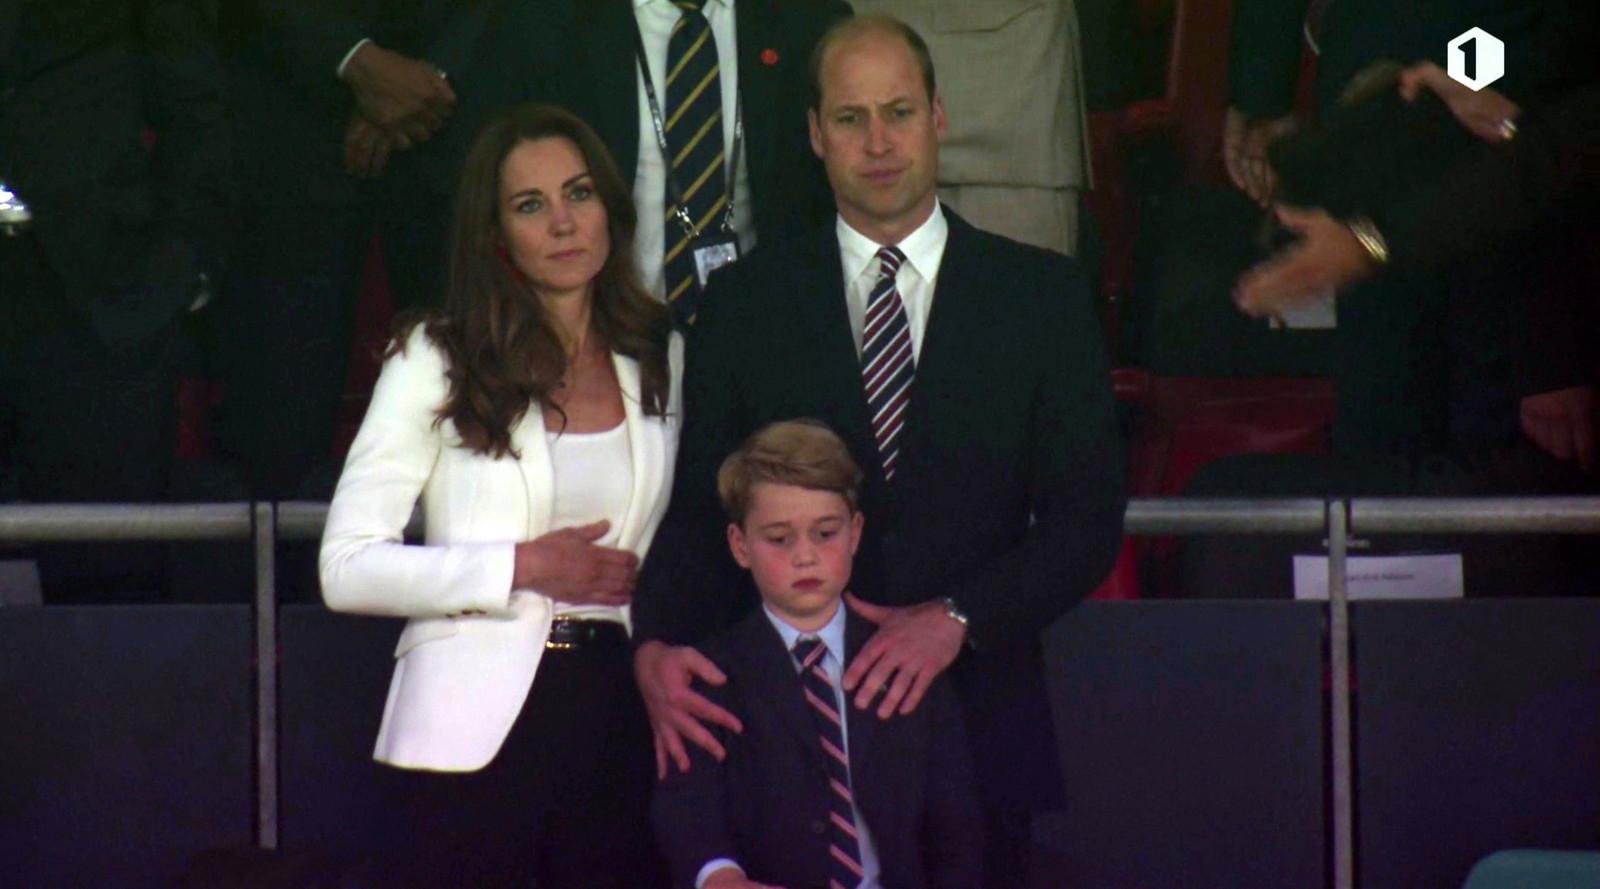 """""""Tijdens de finale van Engeland zagen we beide ouders tactvol omgaan met prins George - ze gaven hem knuffels wanneer hij ze nodig had en legden hun handen geruststellend op zijn schouders - waarmee ze een gezinsleven vol liefde en genegenheid weerspiegelen, wat enorm belangrijk is voor een gezonde jeugd."""""""